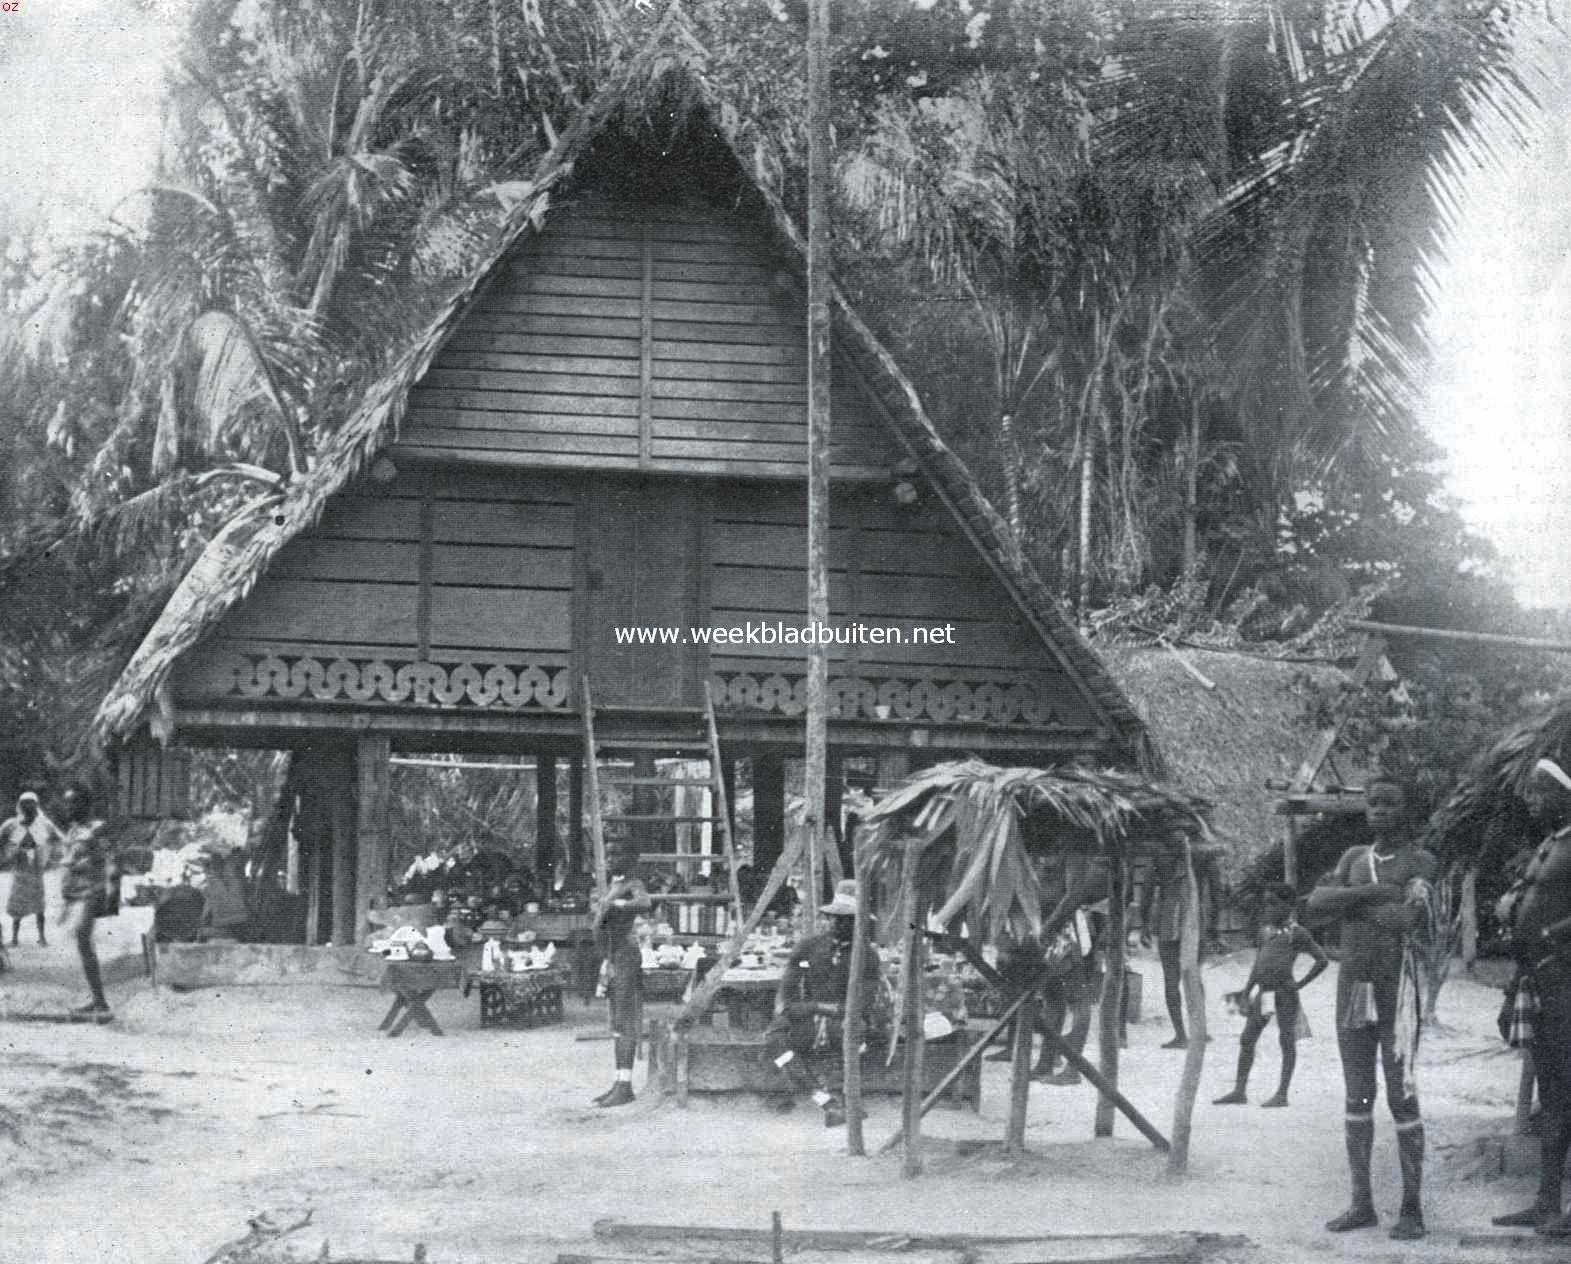 Een Afrikaansche samenleving in het binnenland van Suriname. Woning van Oseisei, granman (opperhoofd) der Aucaner Boschnegers te Drietabbetje in Suriname (Tabbetje betekent eiland, oseisei, een krachtig heerscher, was een der voorgangers van den thans ook overleden granman Amakti